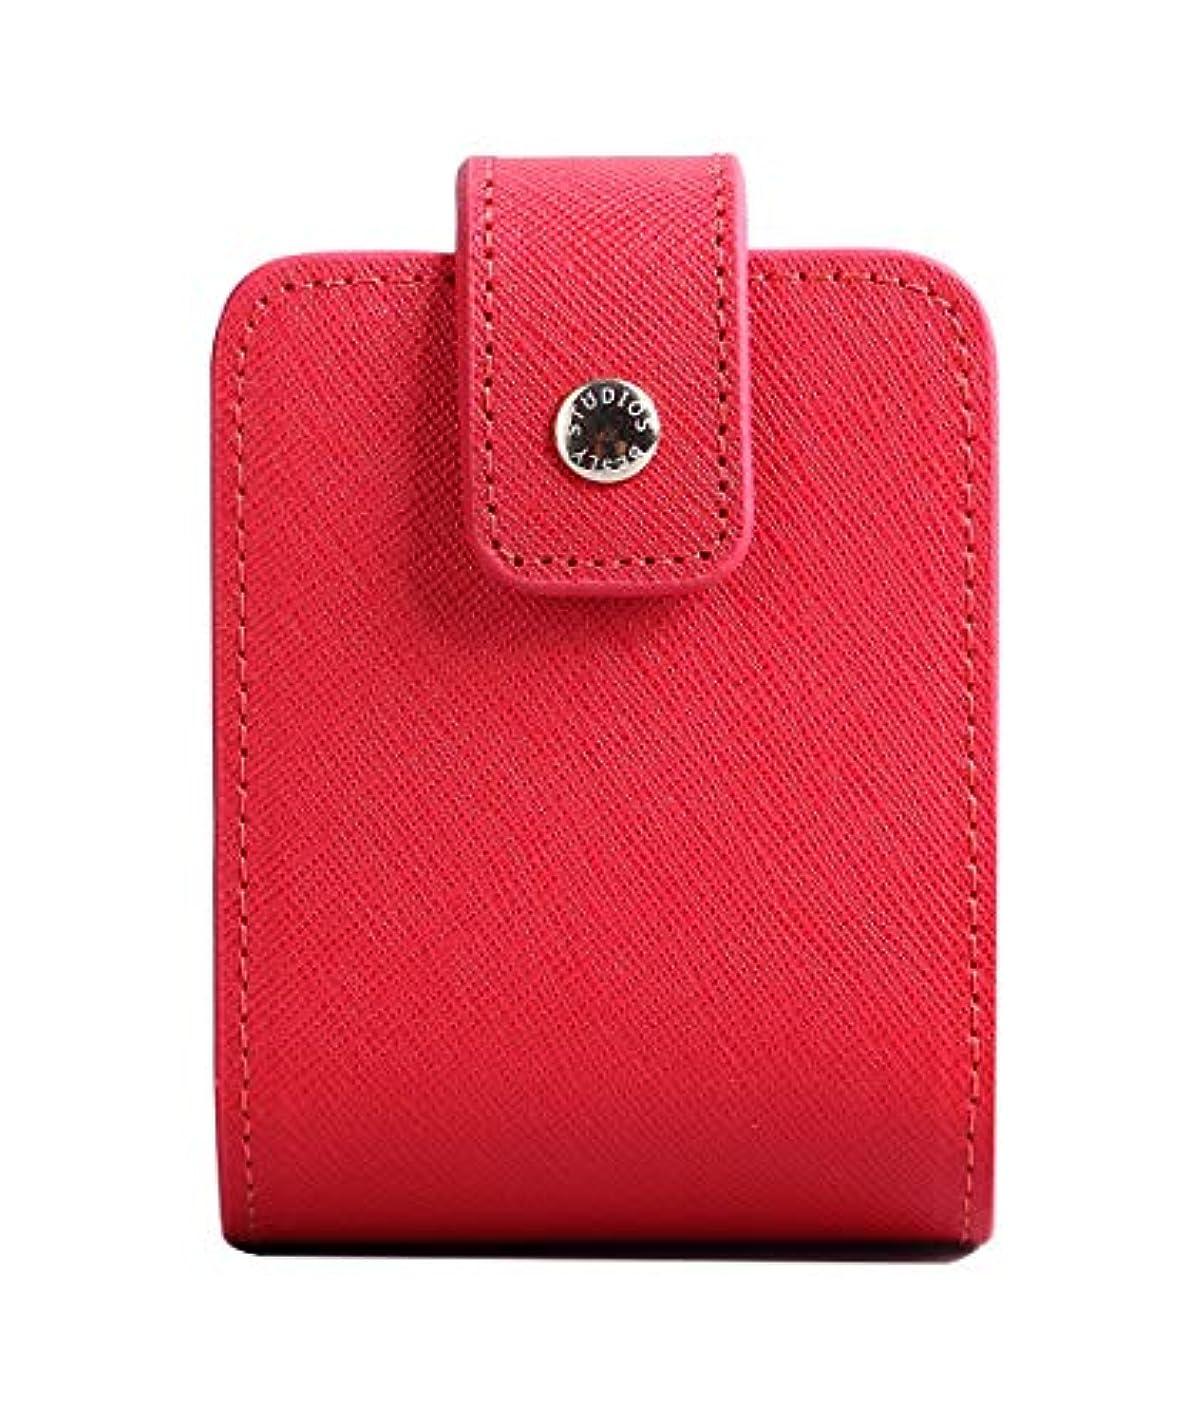 免除するフリース守るBESLY 女性用リップ化粧ポーチ リップを収納する ミニサイズ 携帯しやすい 人工製 赤 牛革